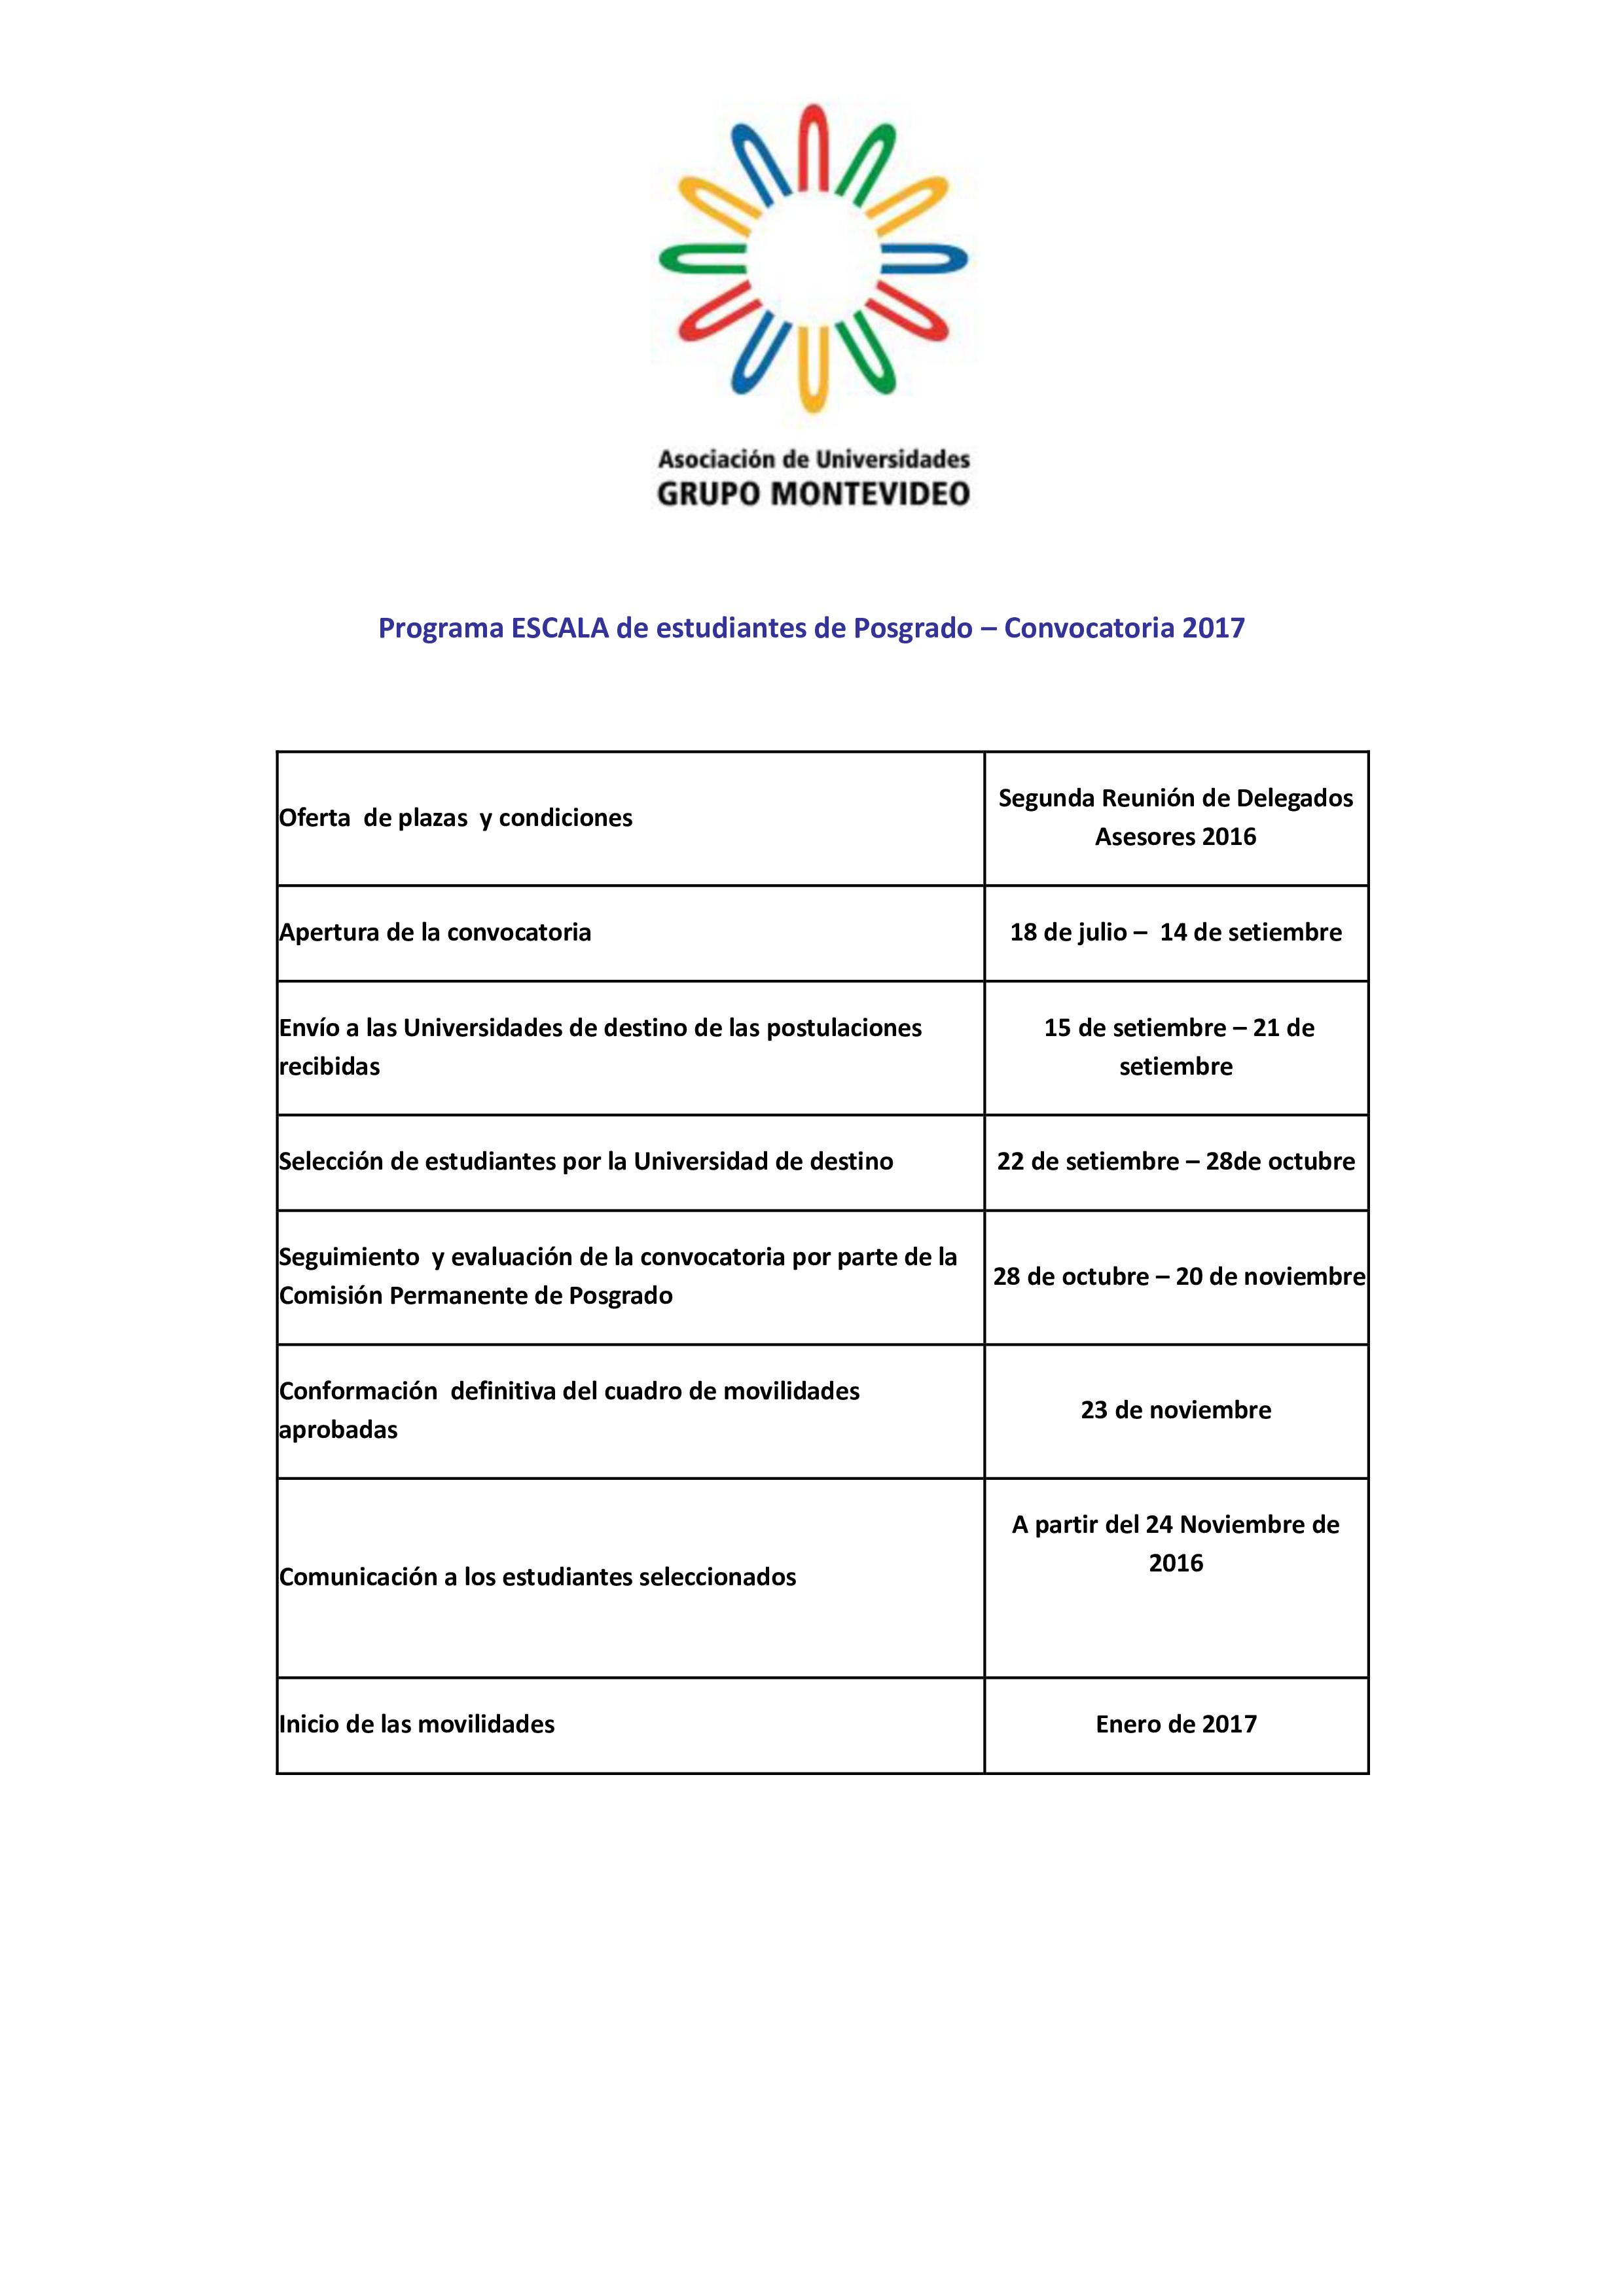 Programa ESCALA de estudiantes de Posgrado 2017 modificado